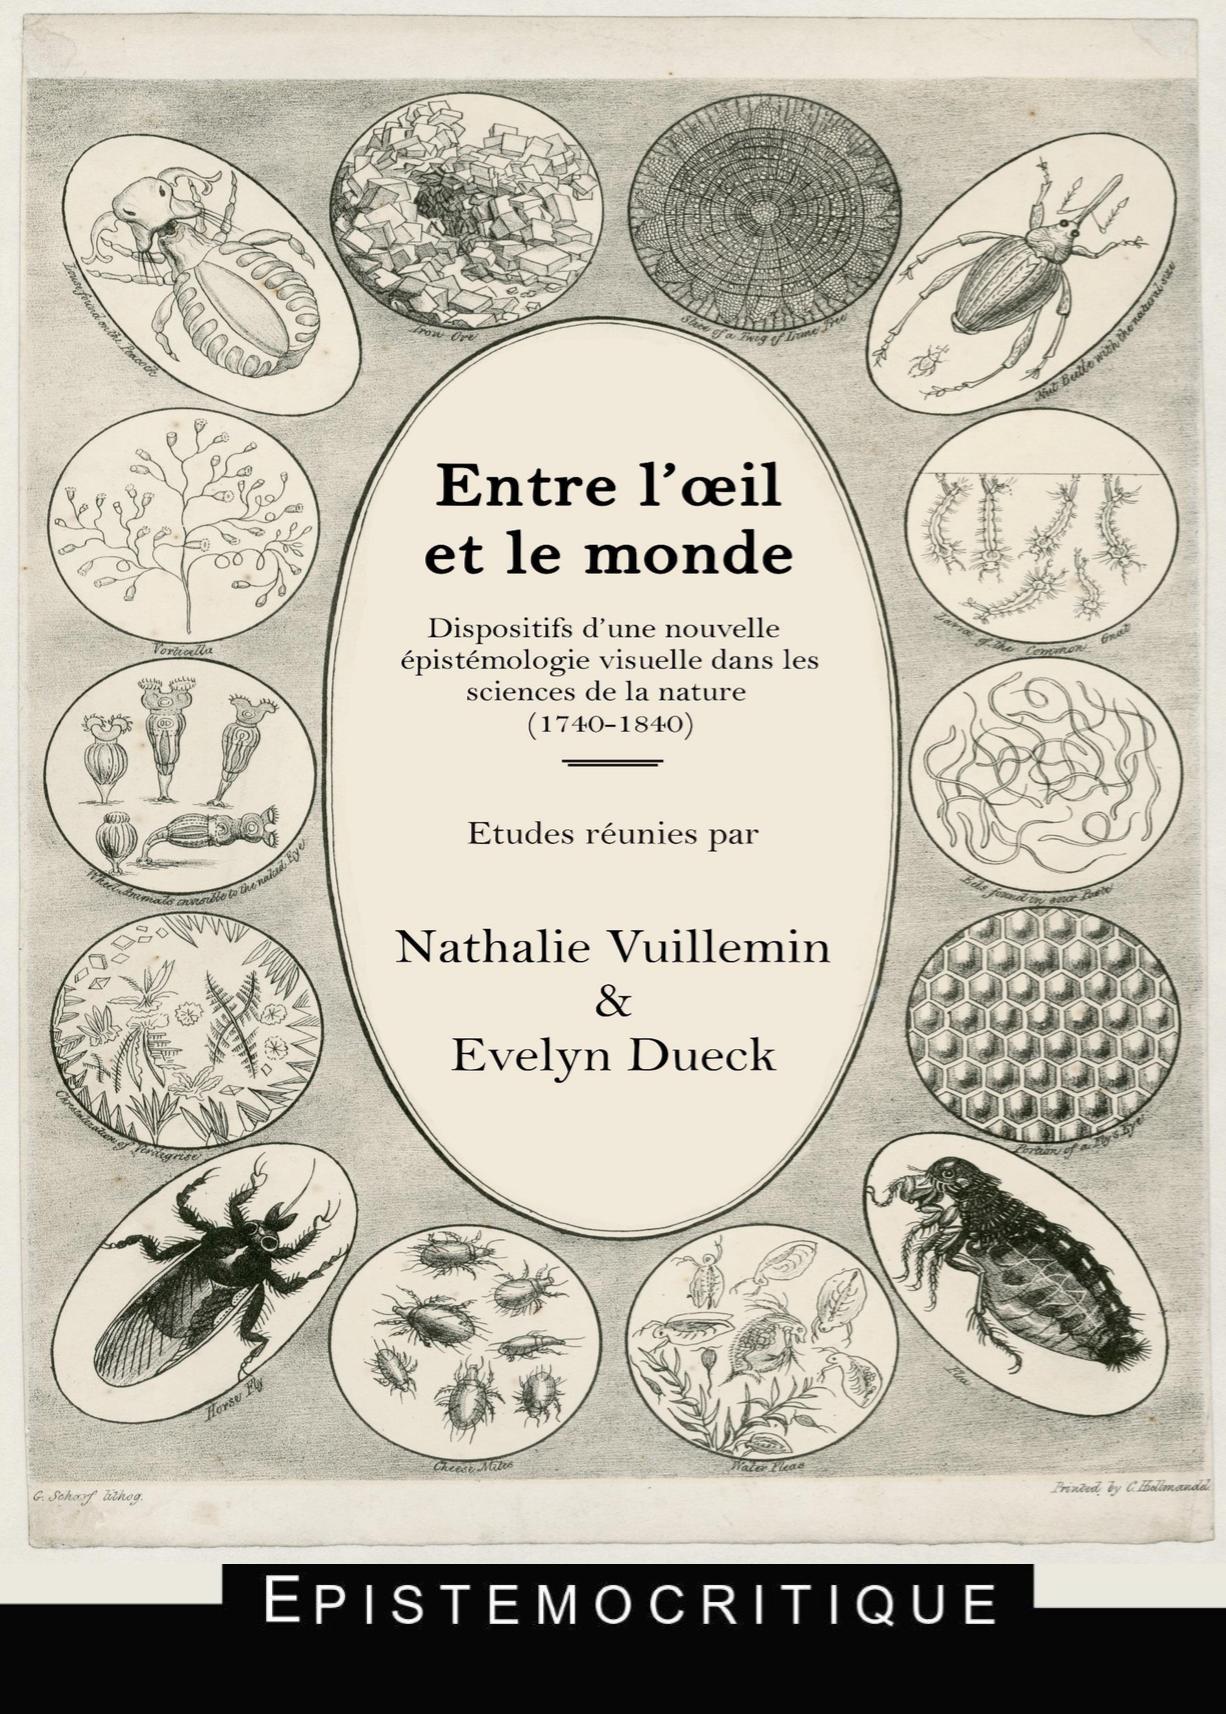 Entre l'oeil et le monde. Dispositifs d'une nouvelle épistémologie visuelle dans les sciences de la nature (1740-1840)